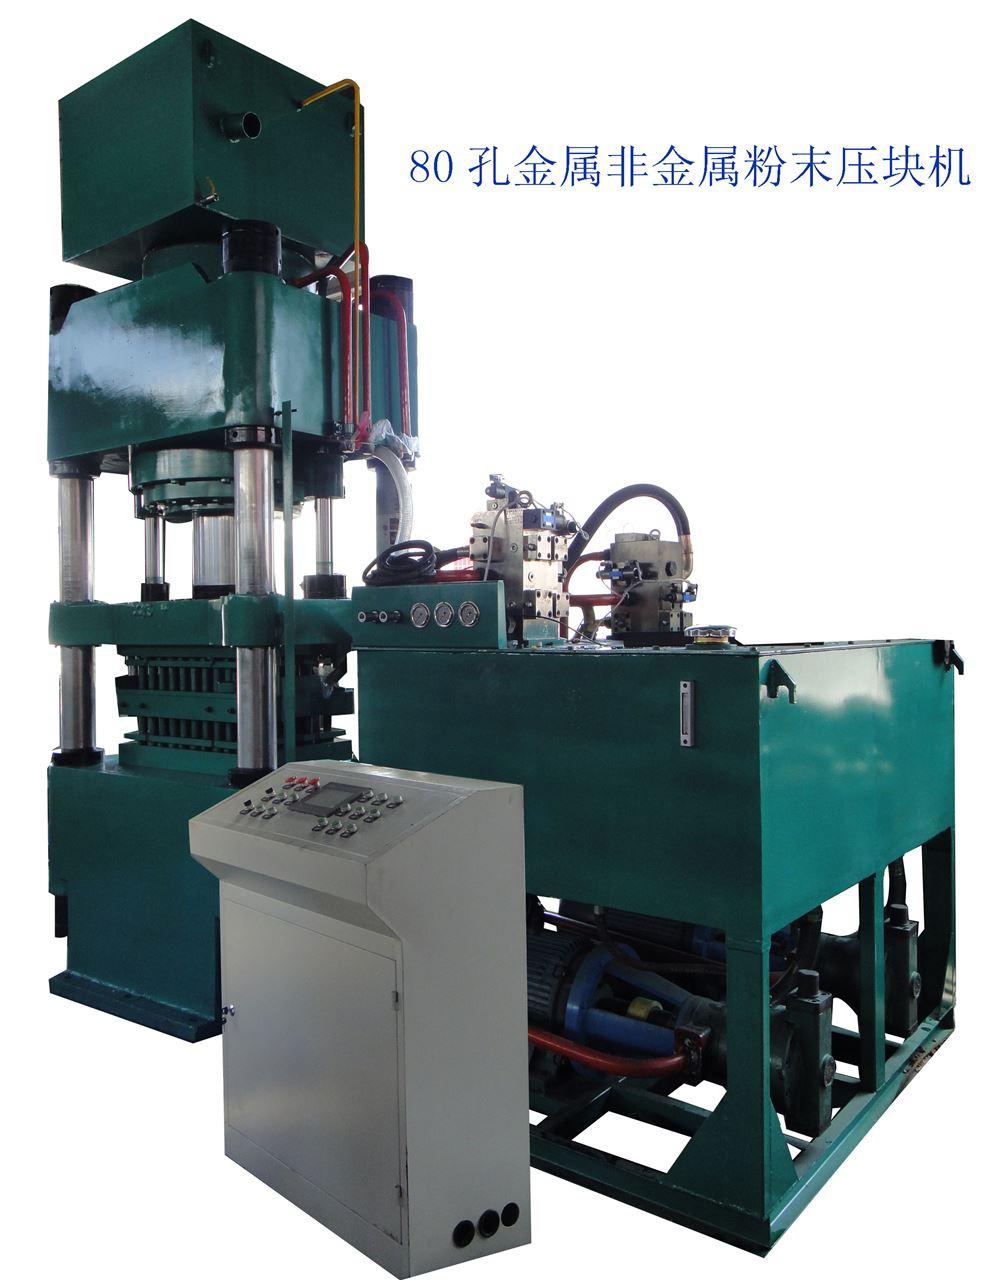 鄭州市鑫源液壓機械有限公司